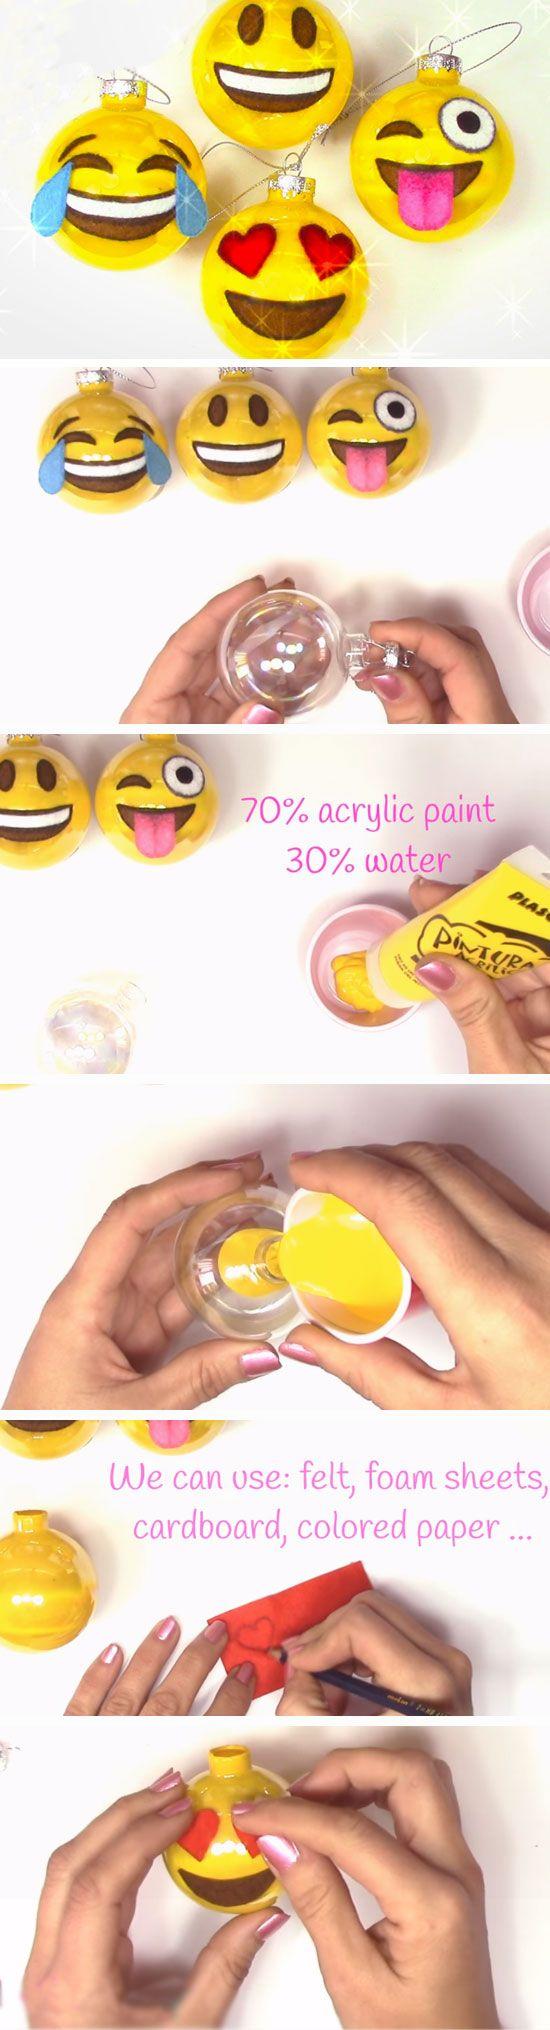 Emoji Baubles | 20+ DIY Christmas Crafts for Kids to Make